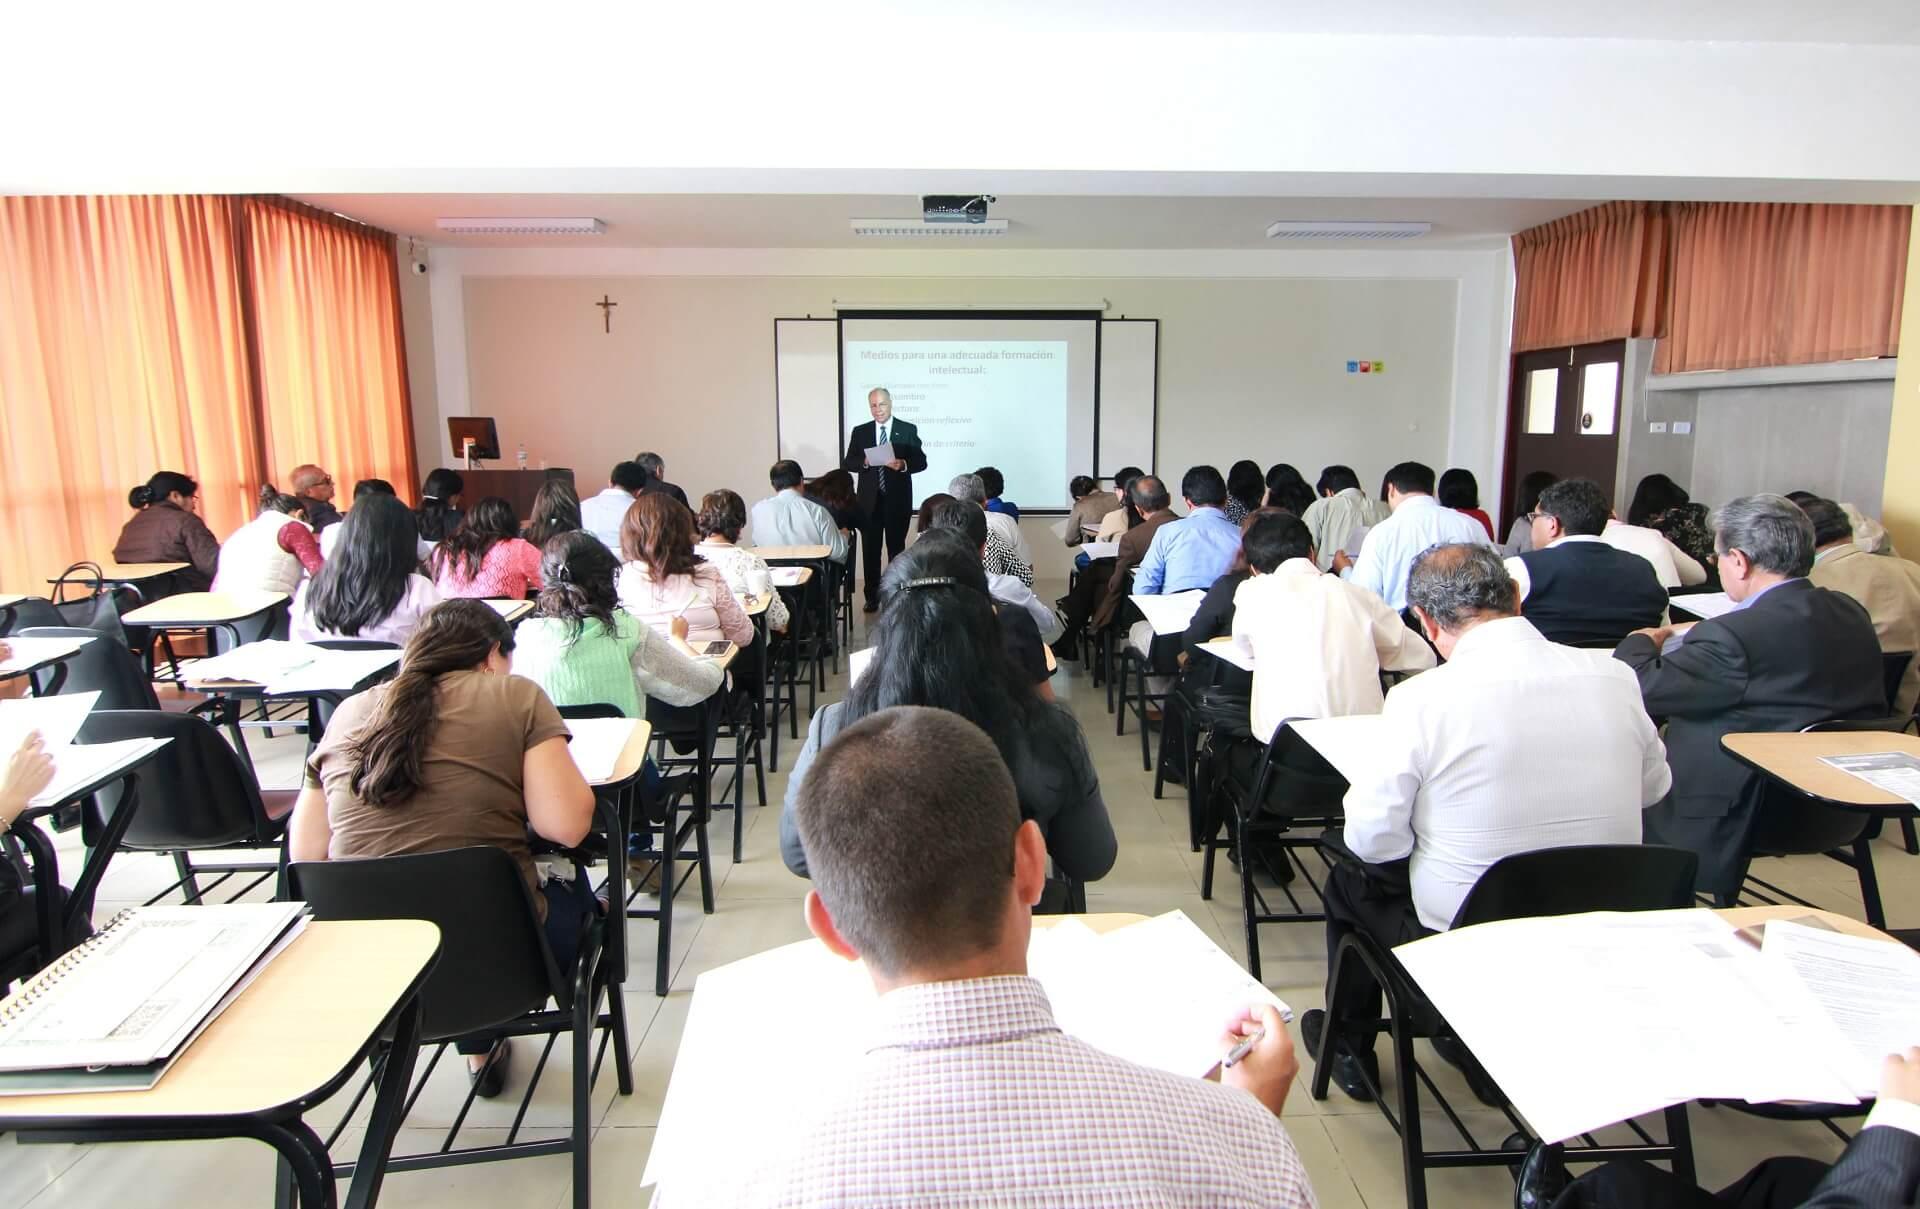 programa ucsp centro desarrollo educacion 2